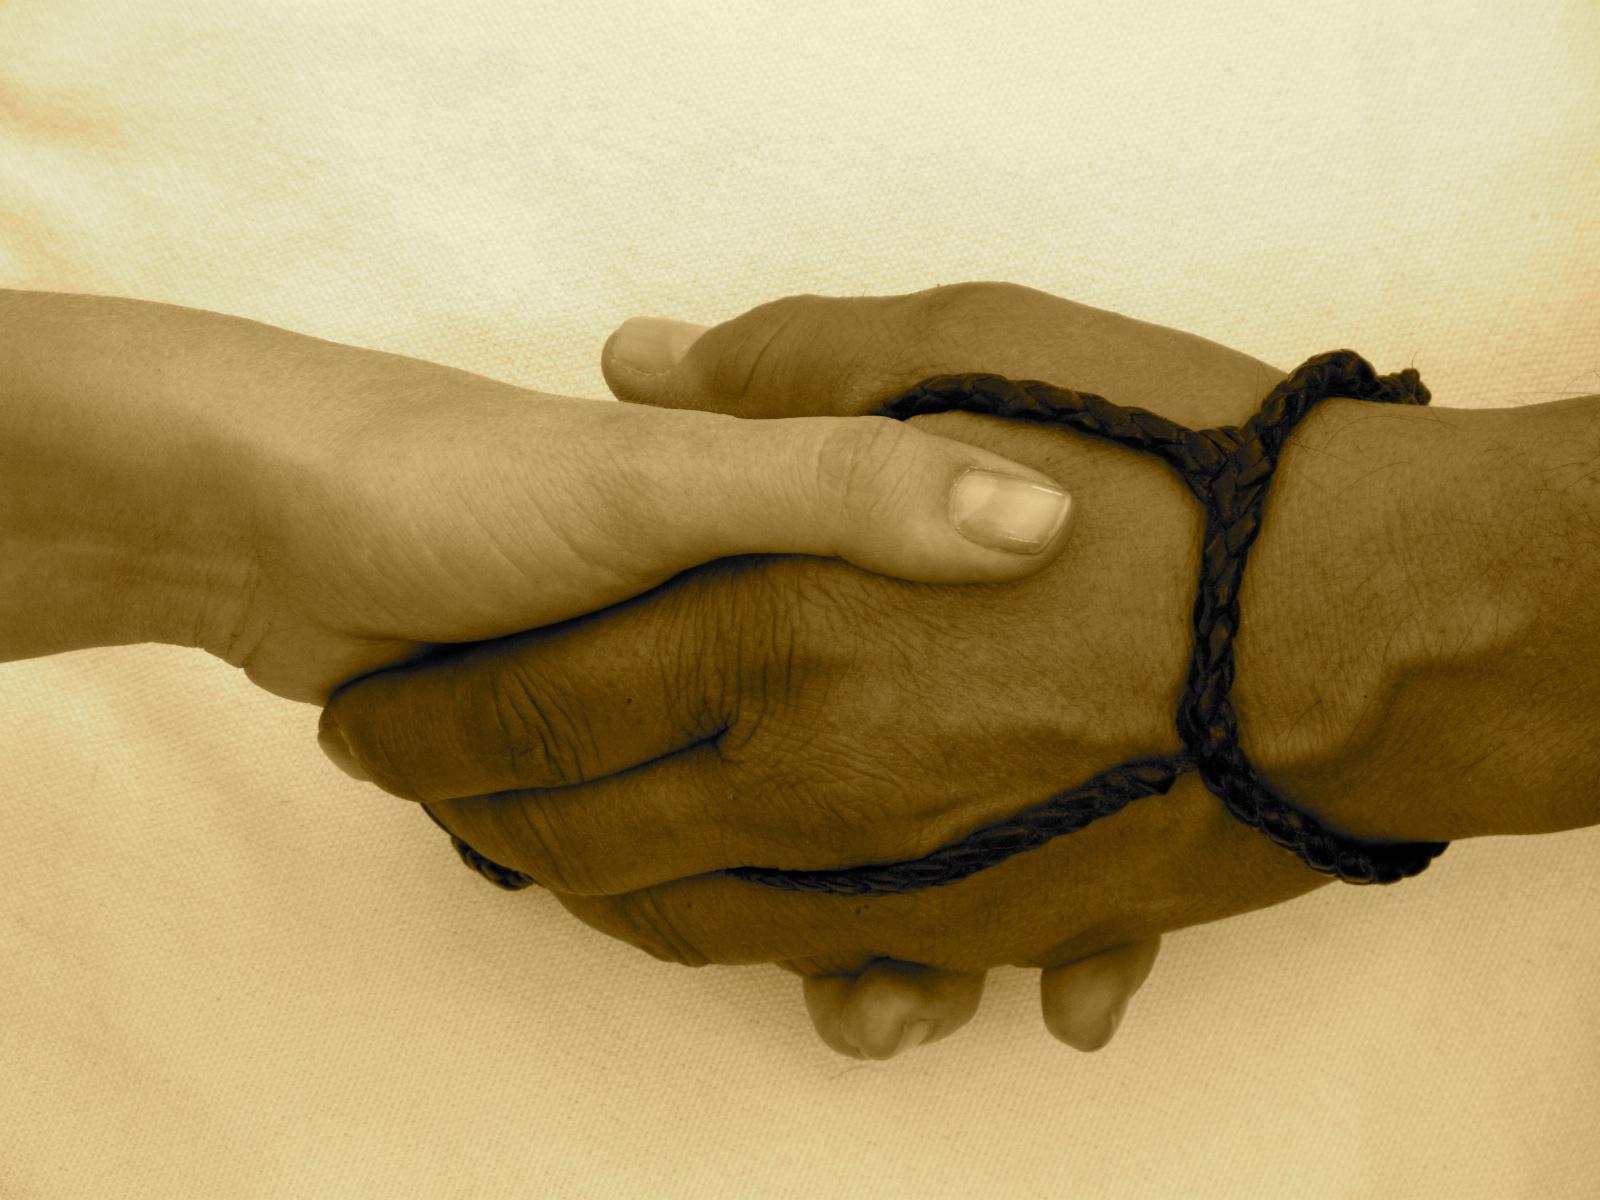 La mano de un gran artista y amigo